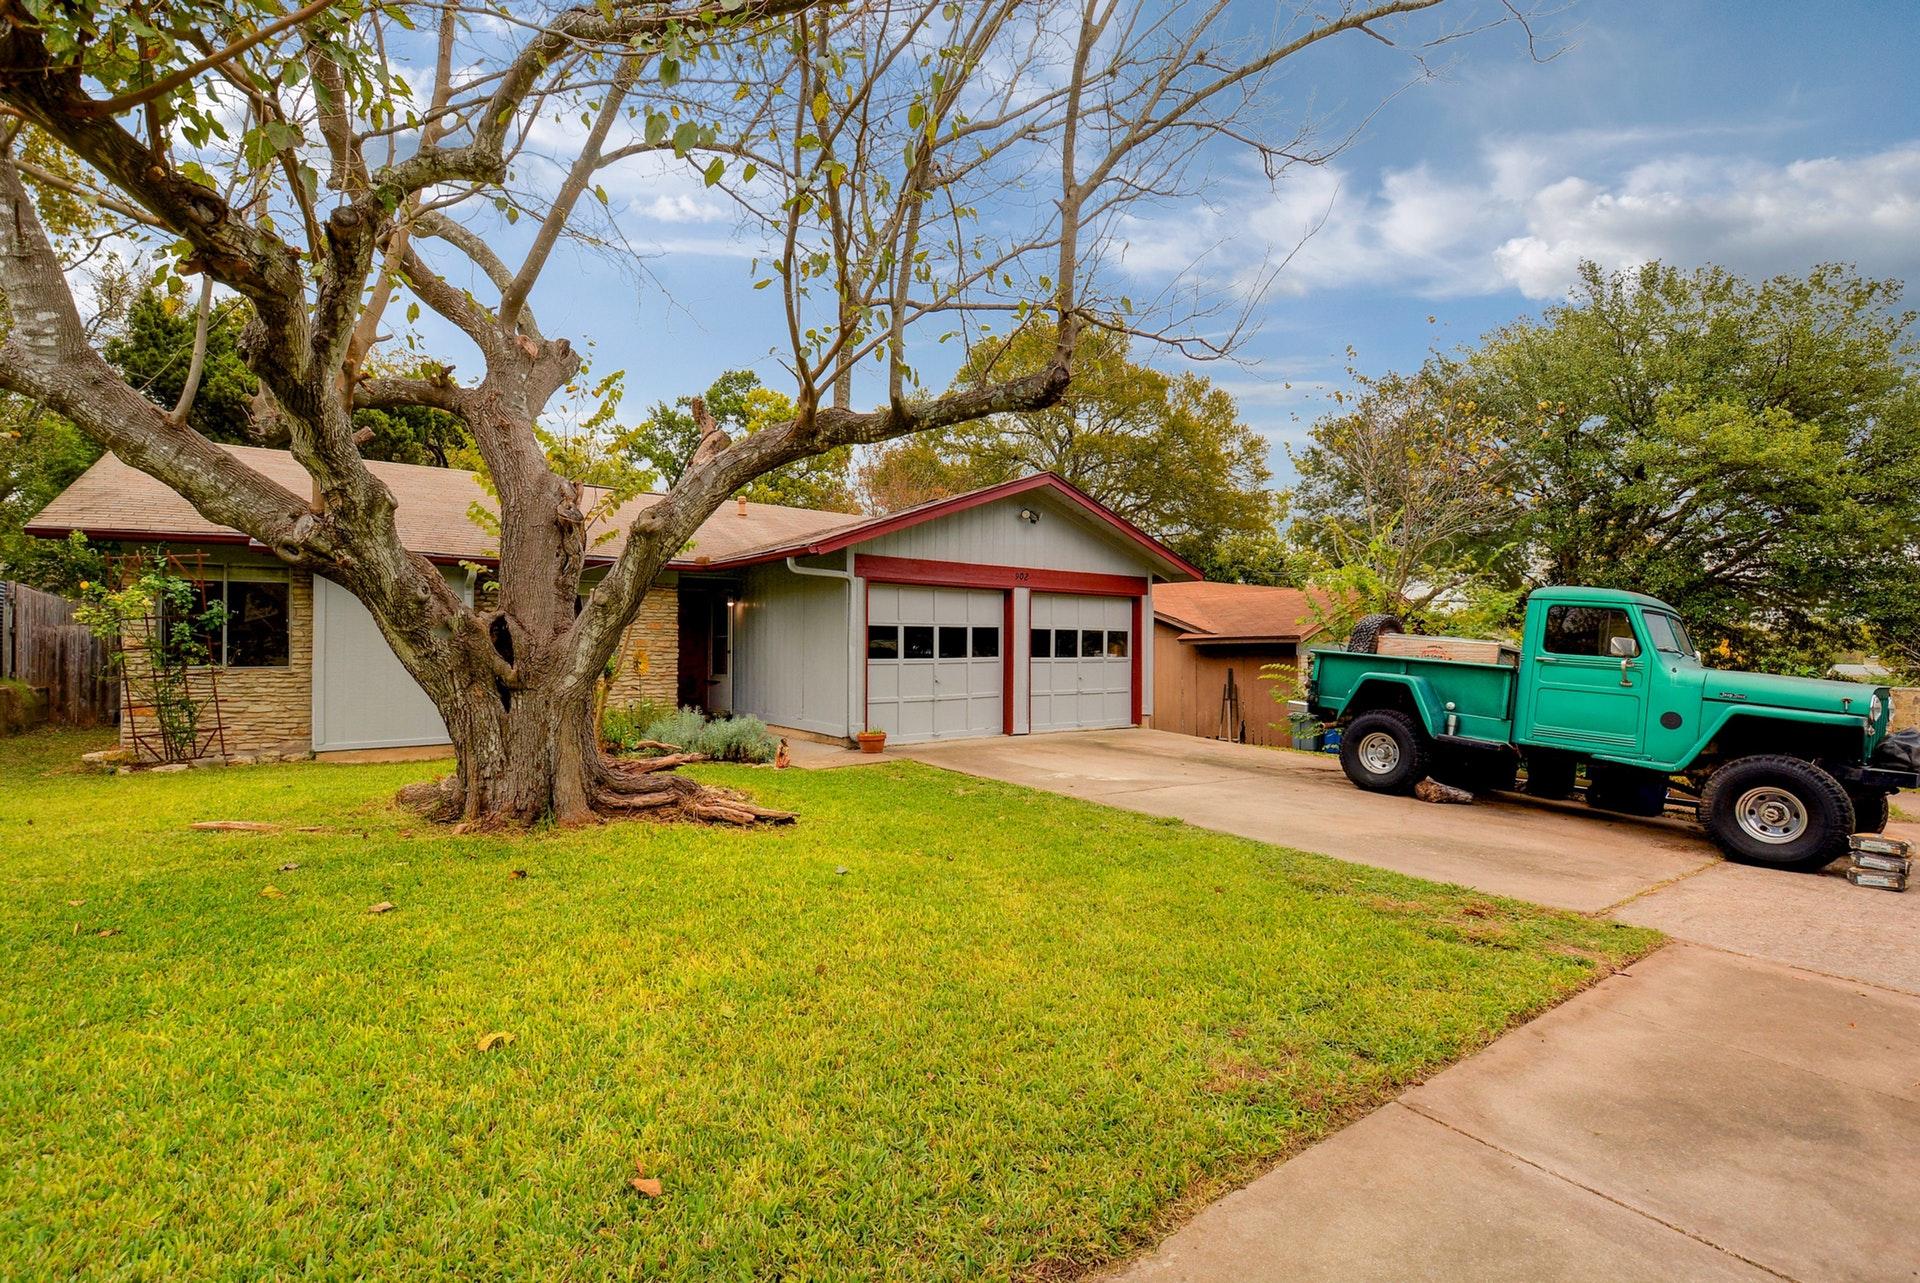 004-902 Bodark Lane Austin Texas 78745